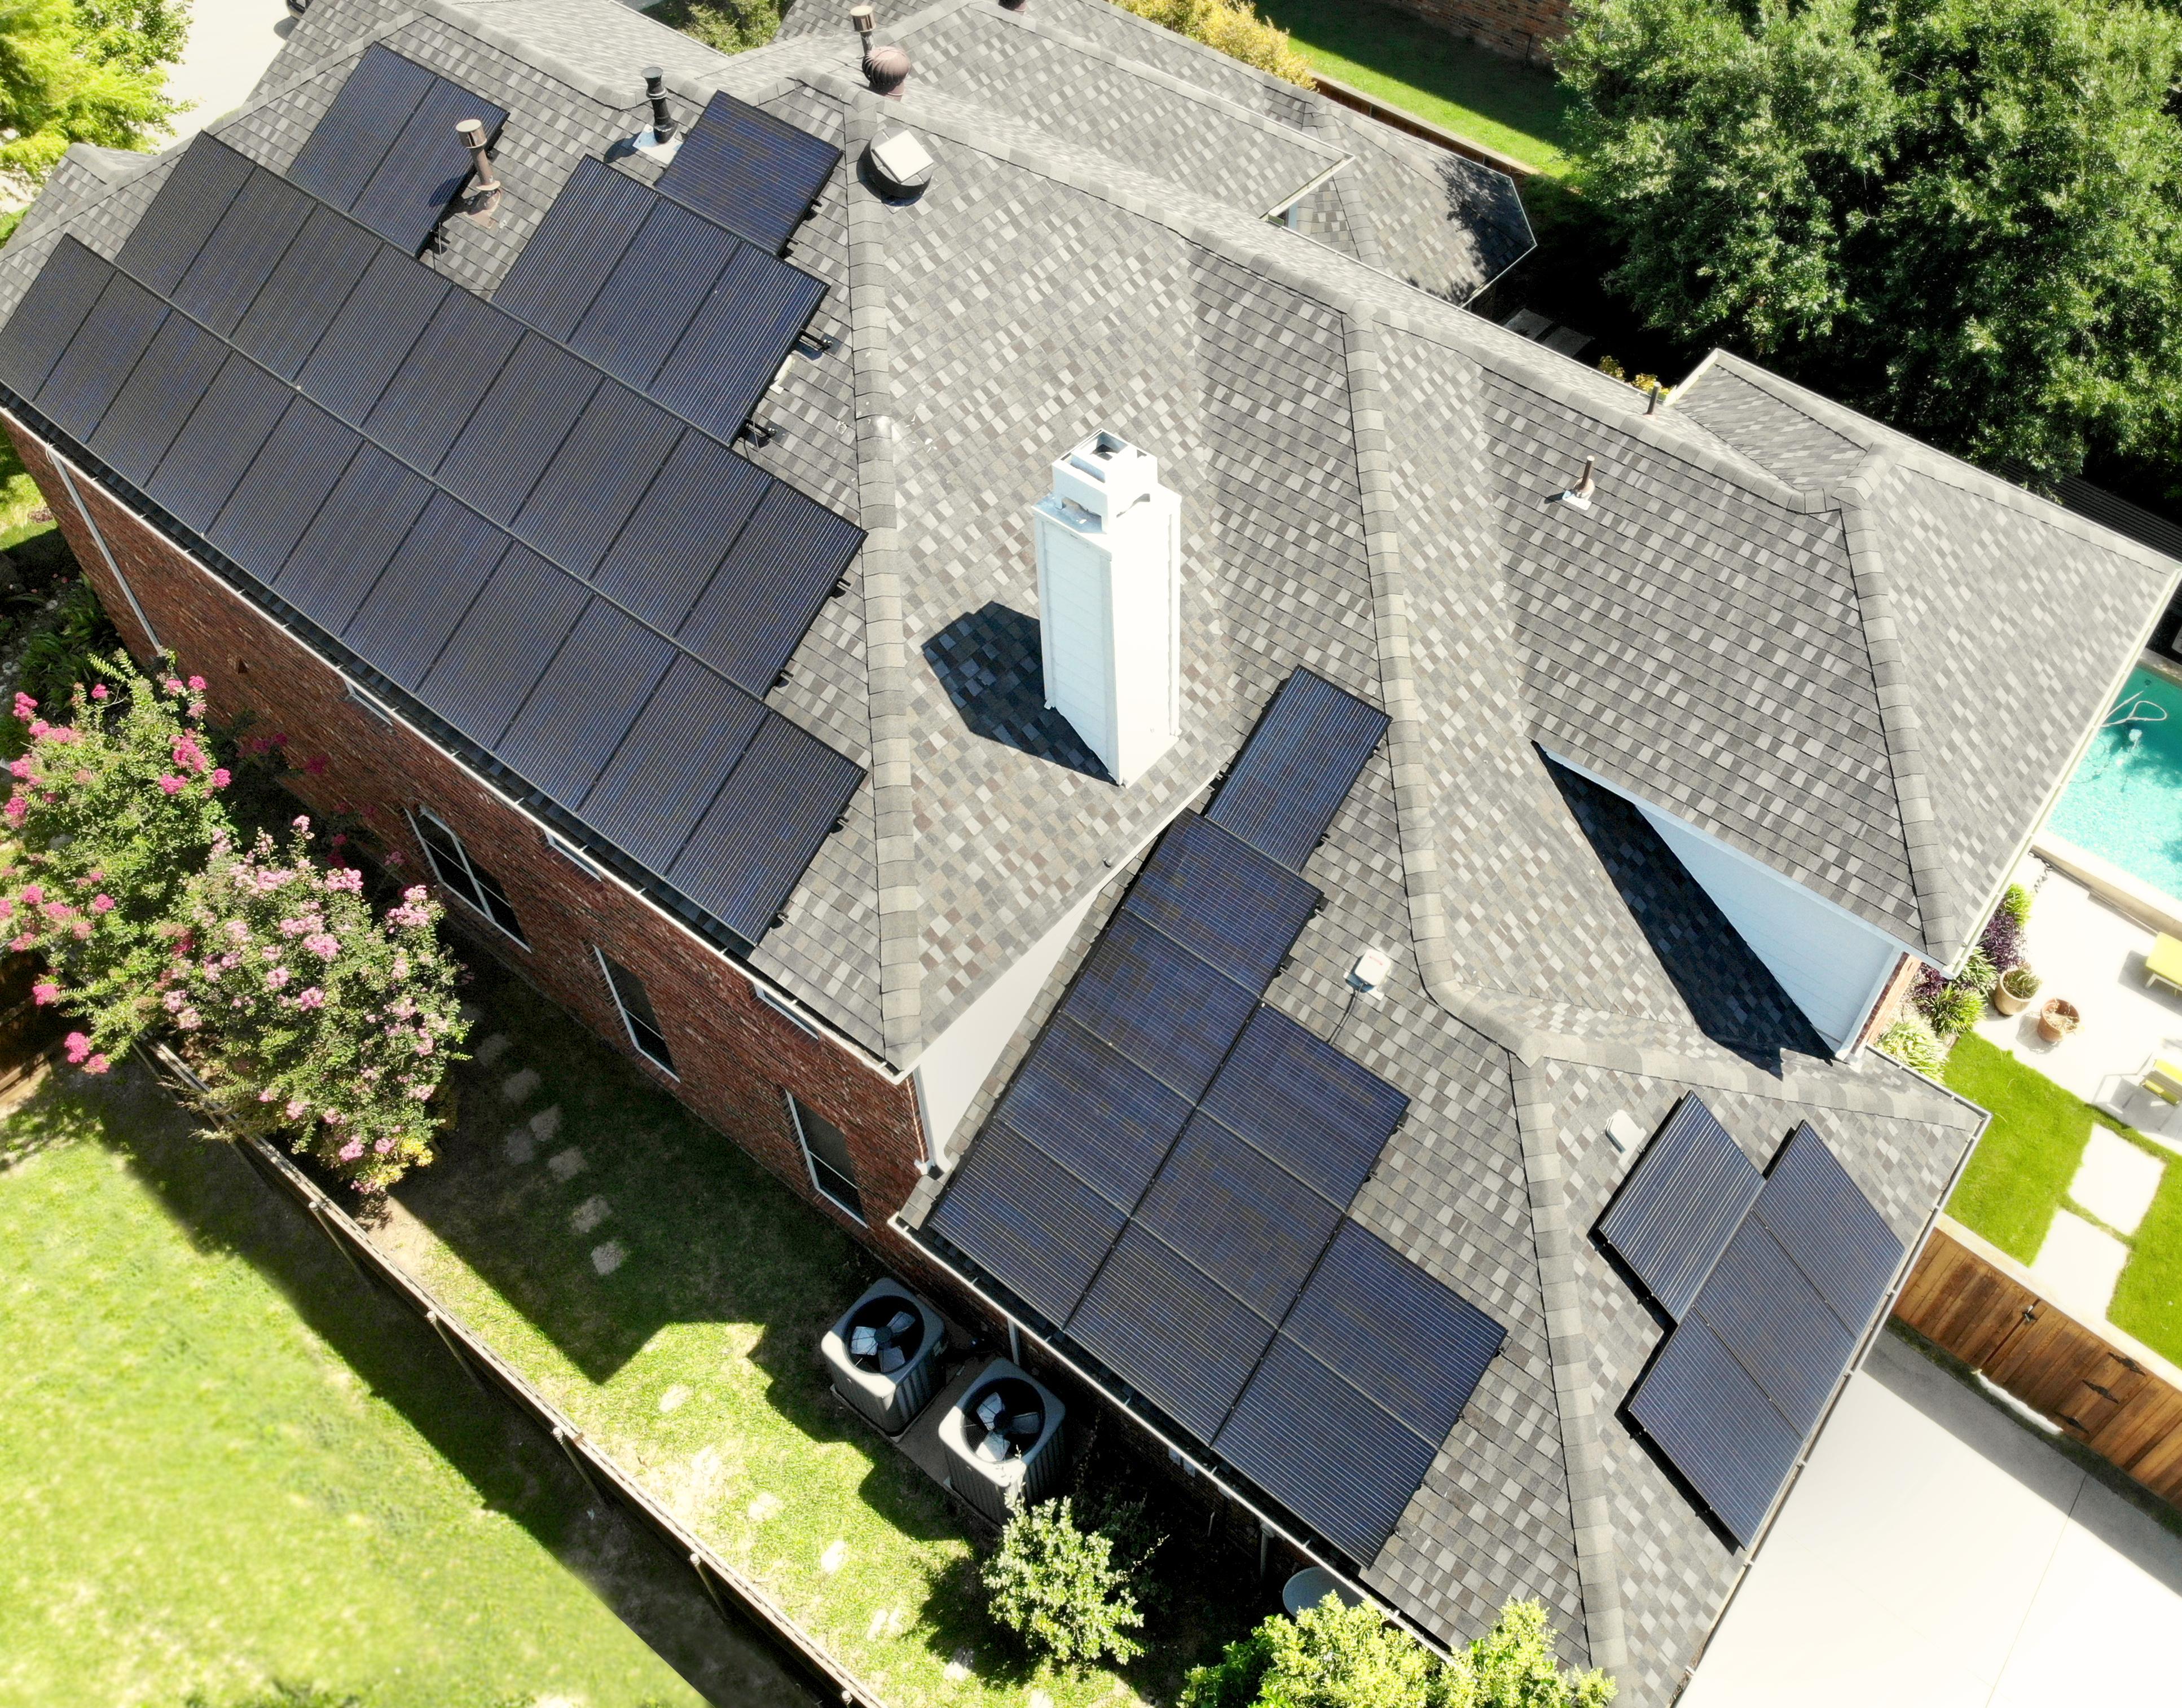 Good Faith Energy installations